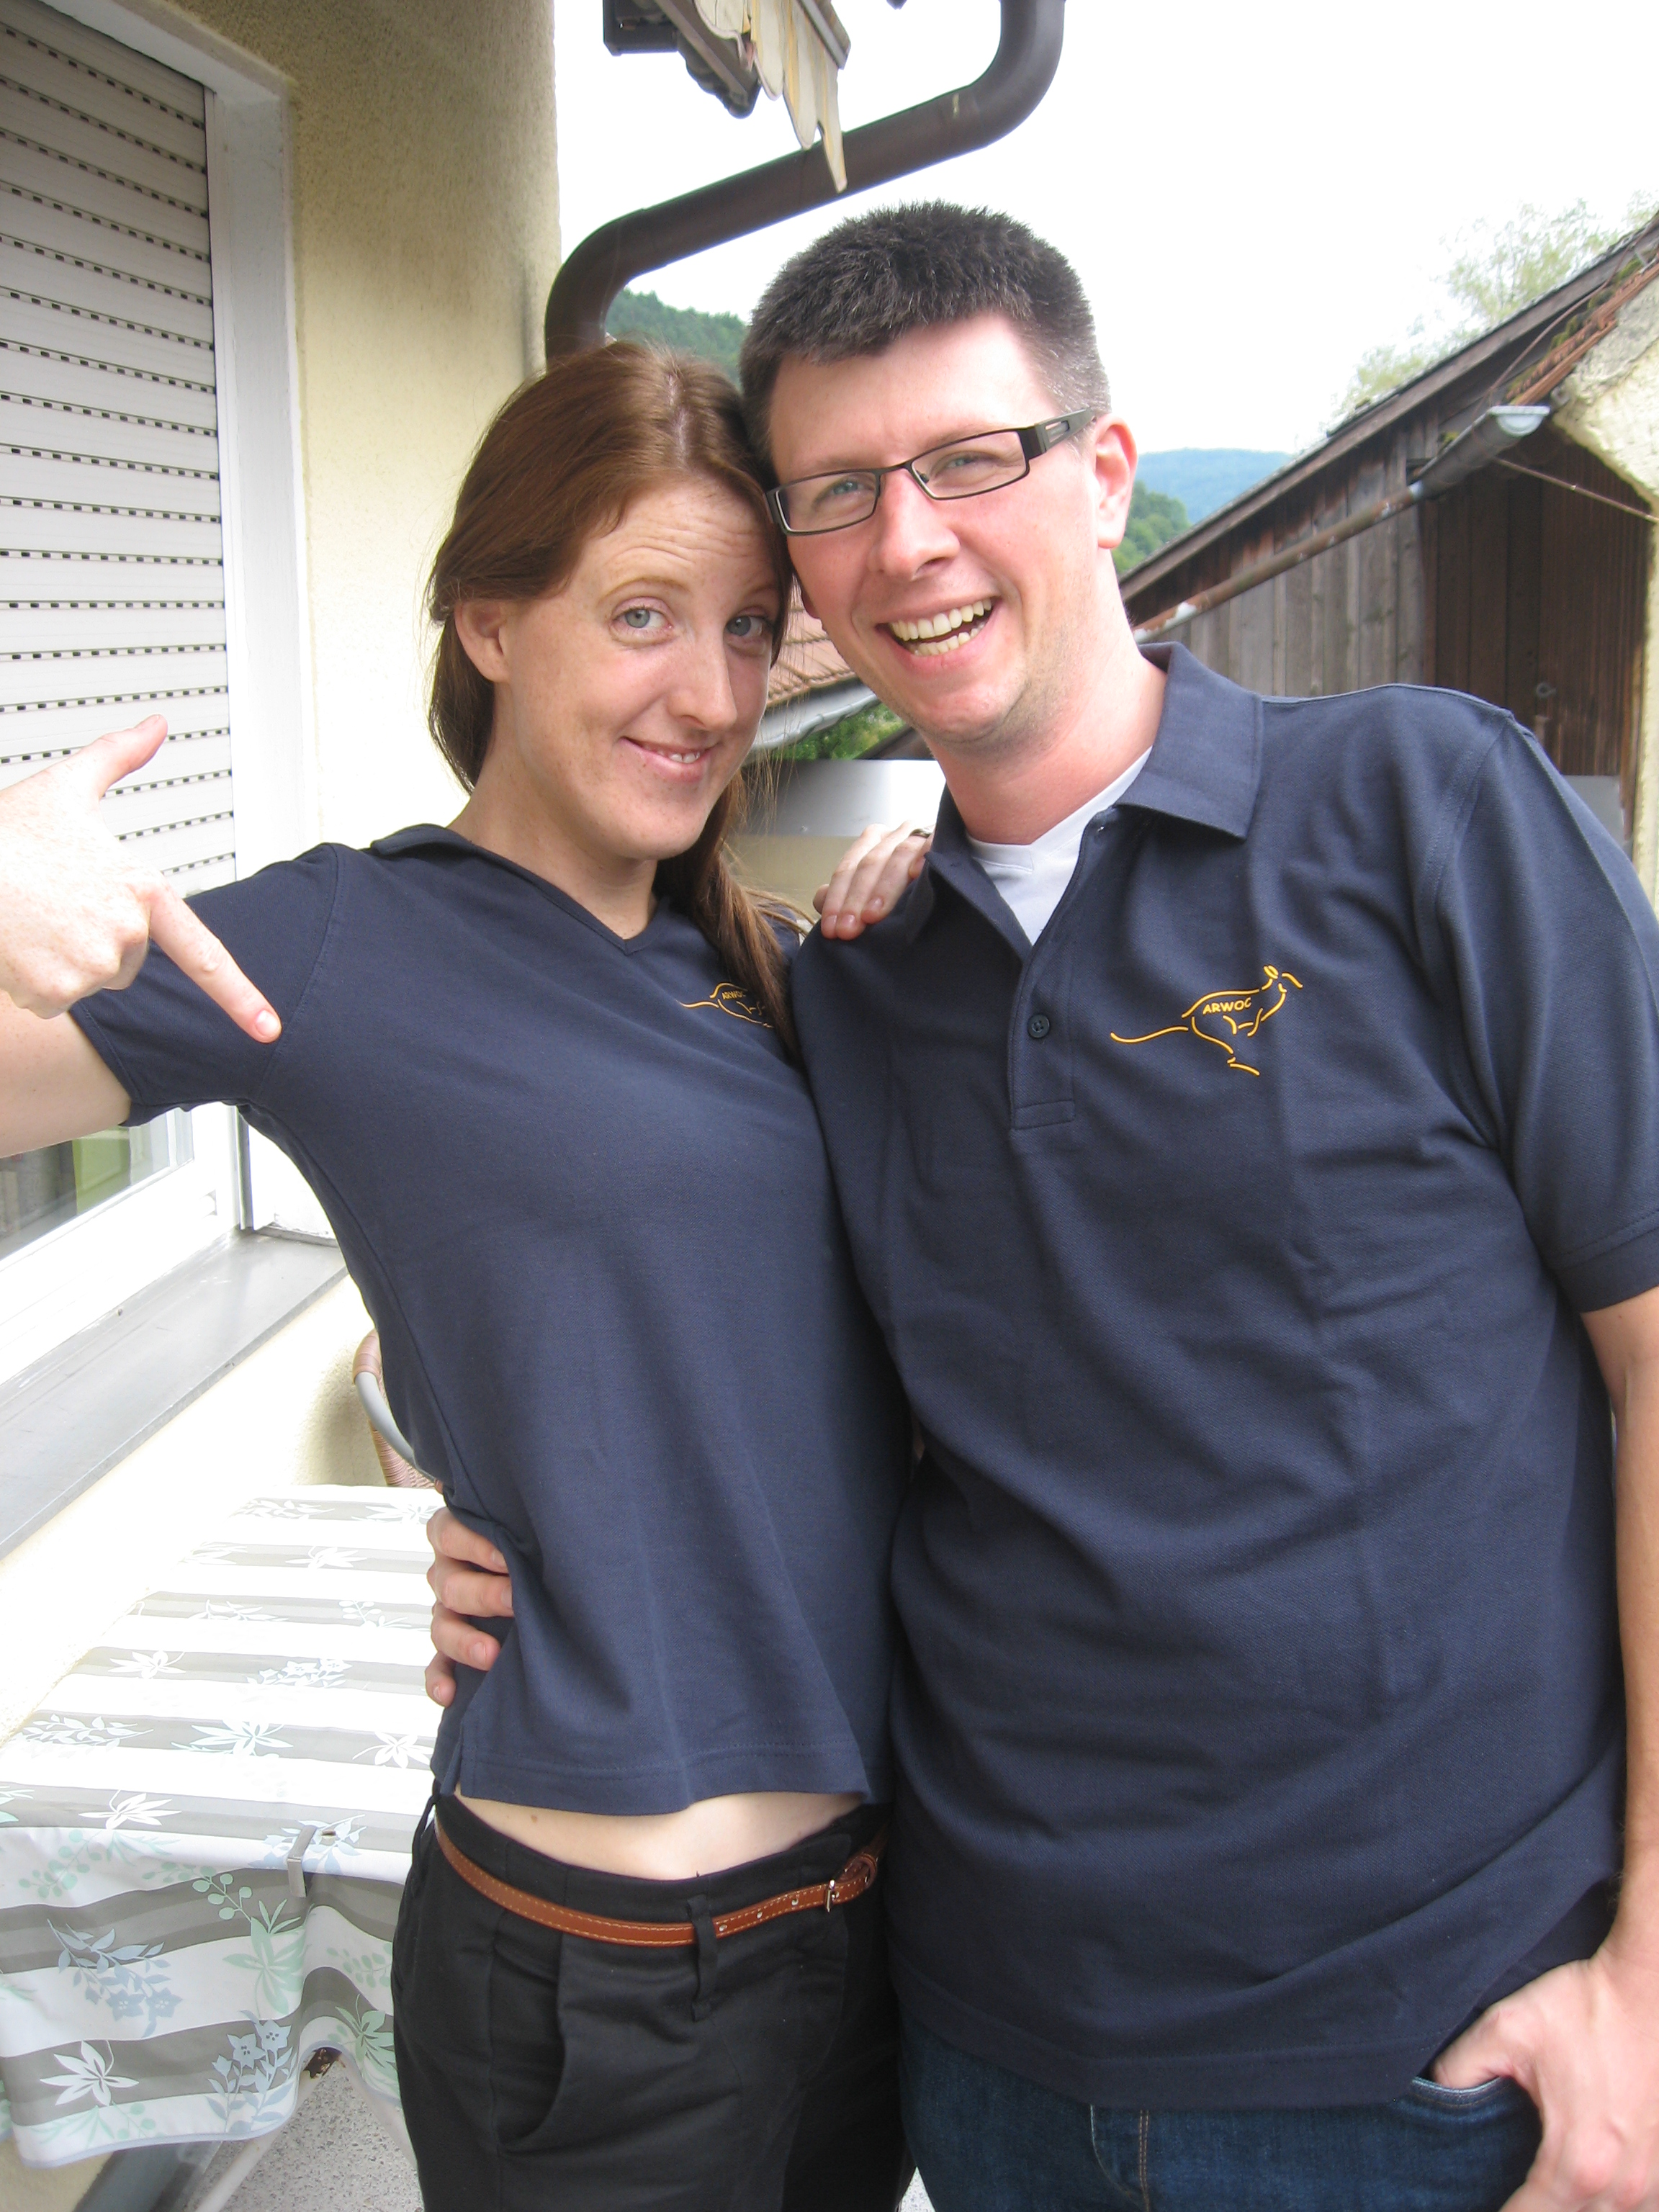 Lisa & Kristof Arwoc Member Nr. 85 + 32